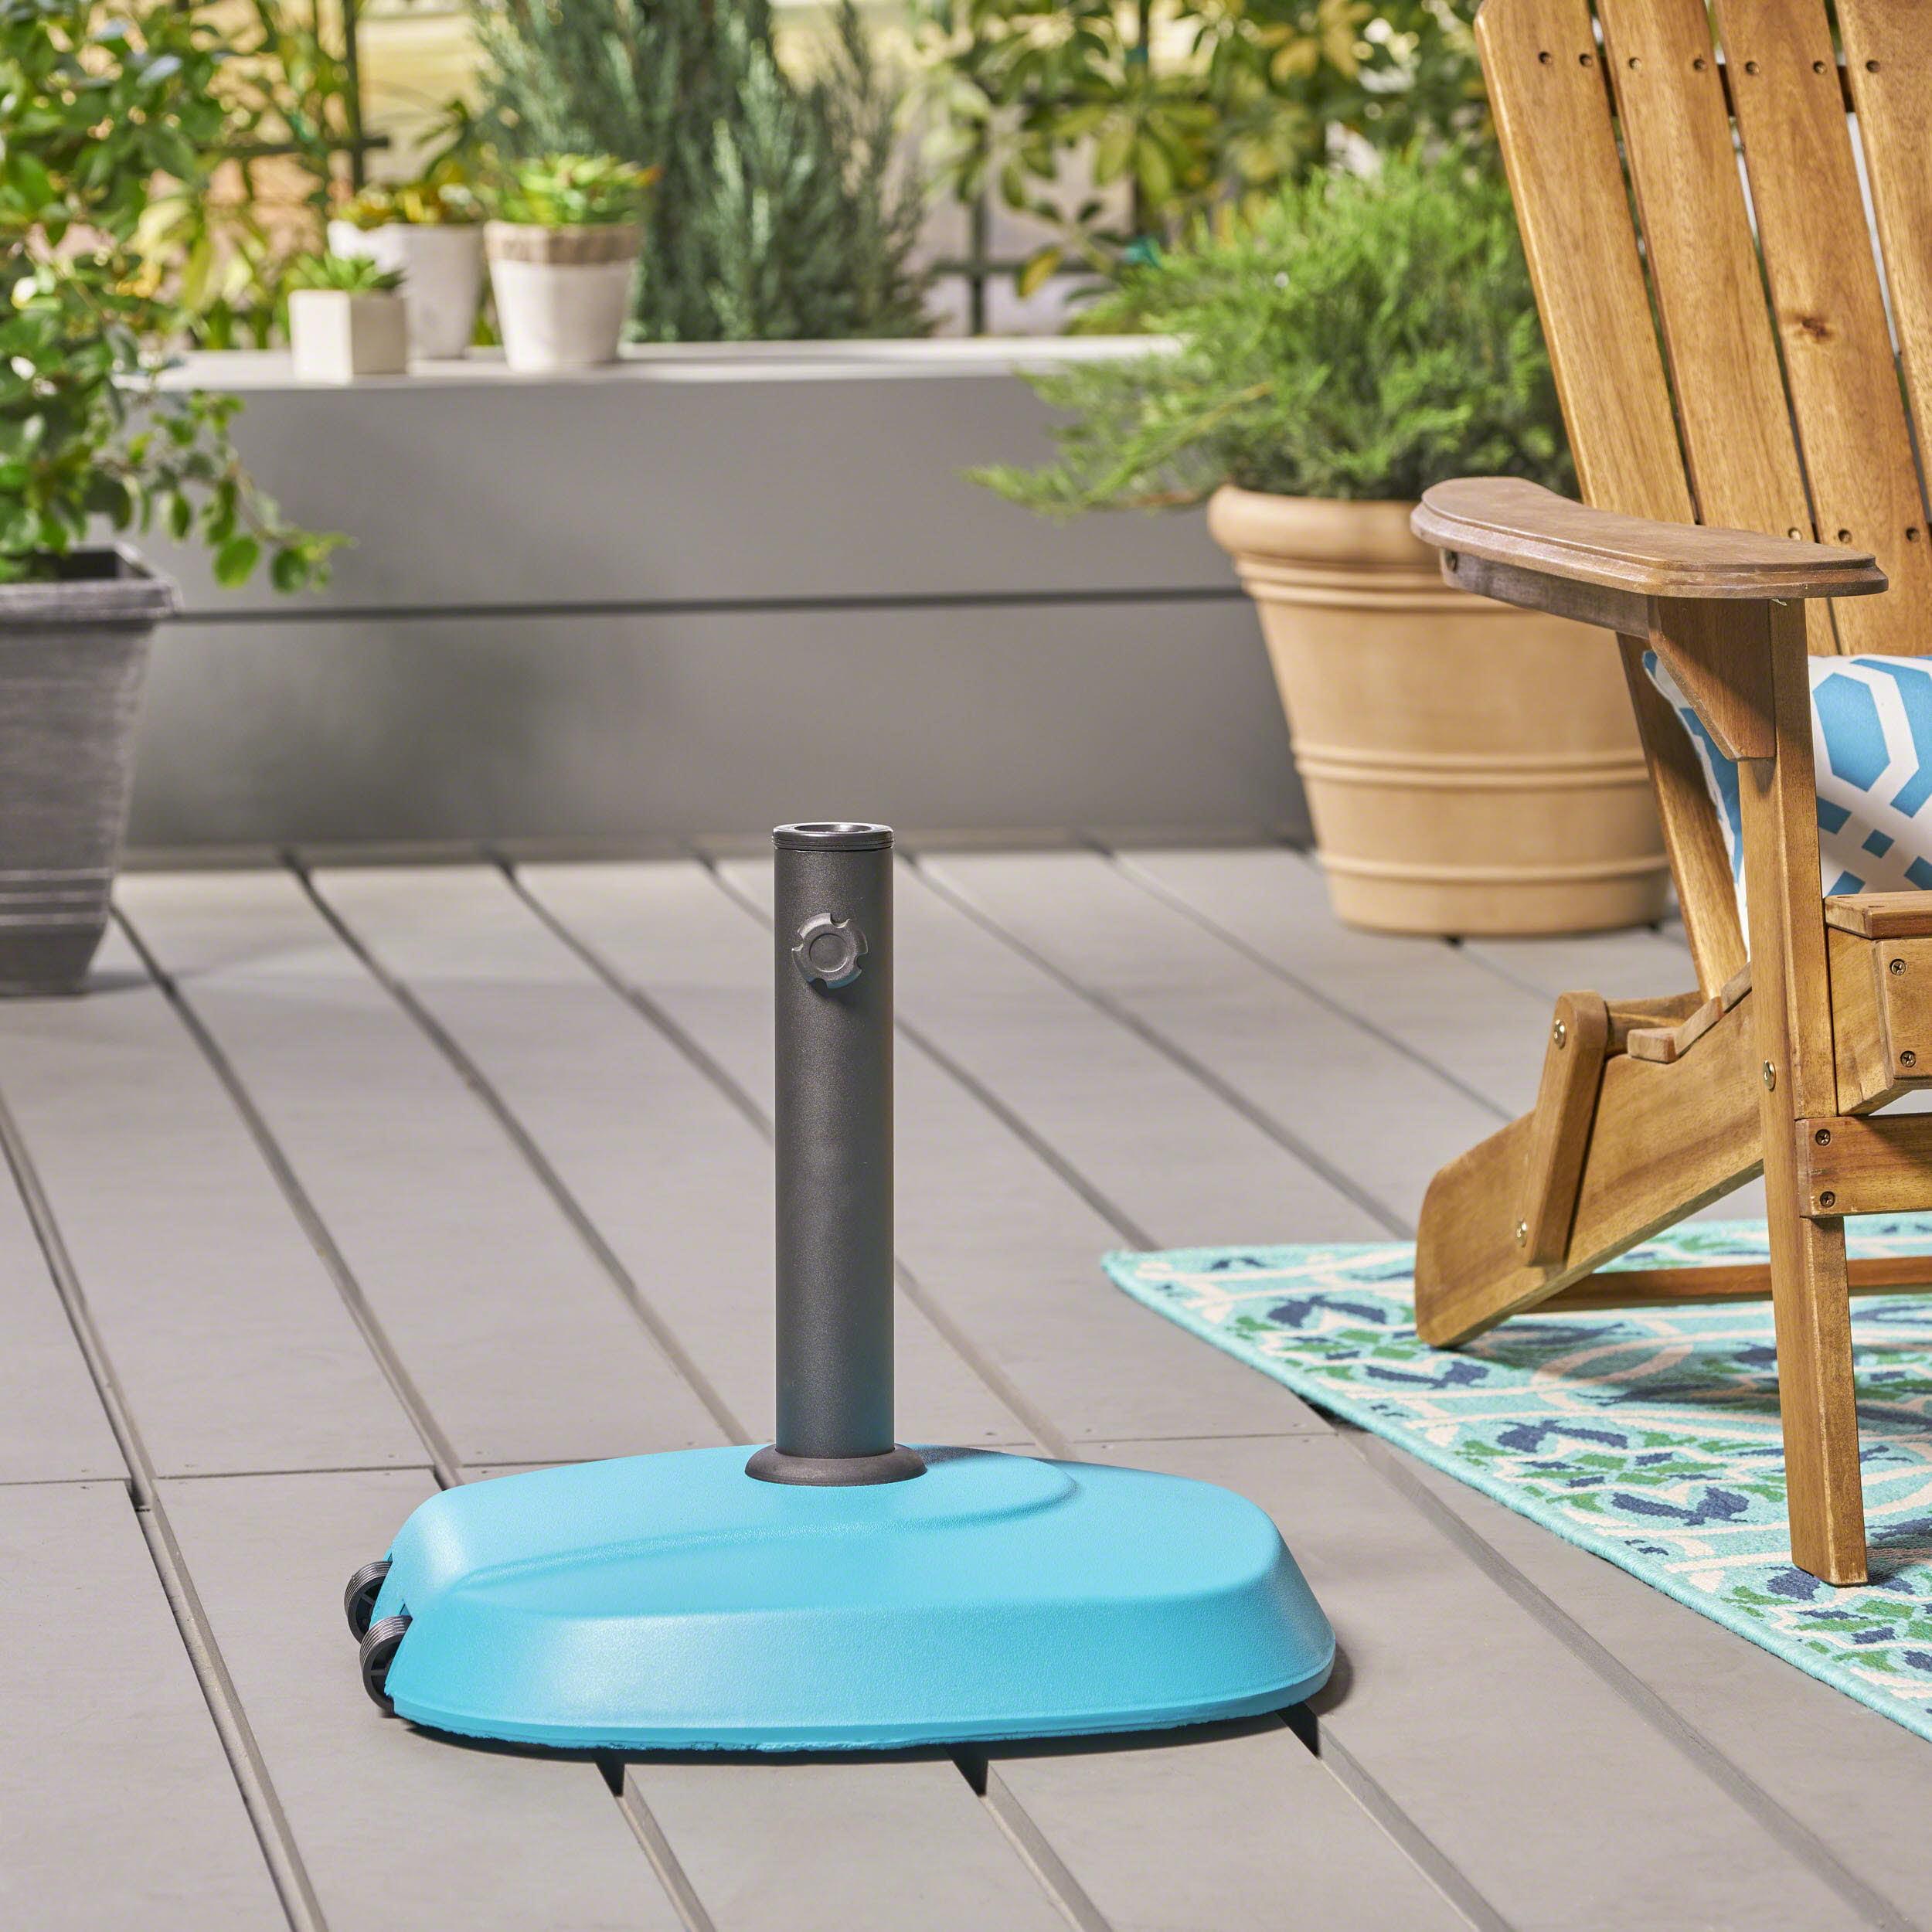 Leon Outdoor 59.5lb Concrete Circular Umbrella Base with Aluminum Collar, Teal